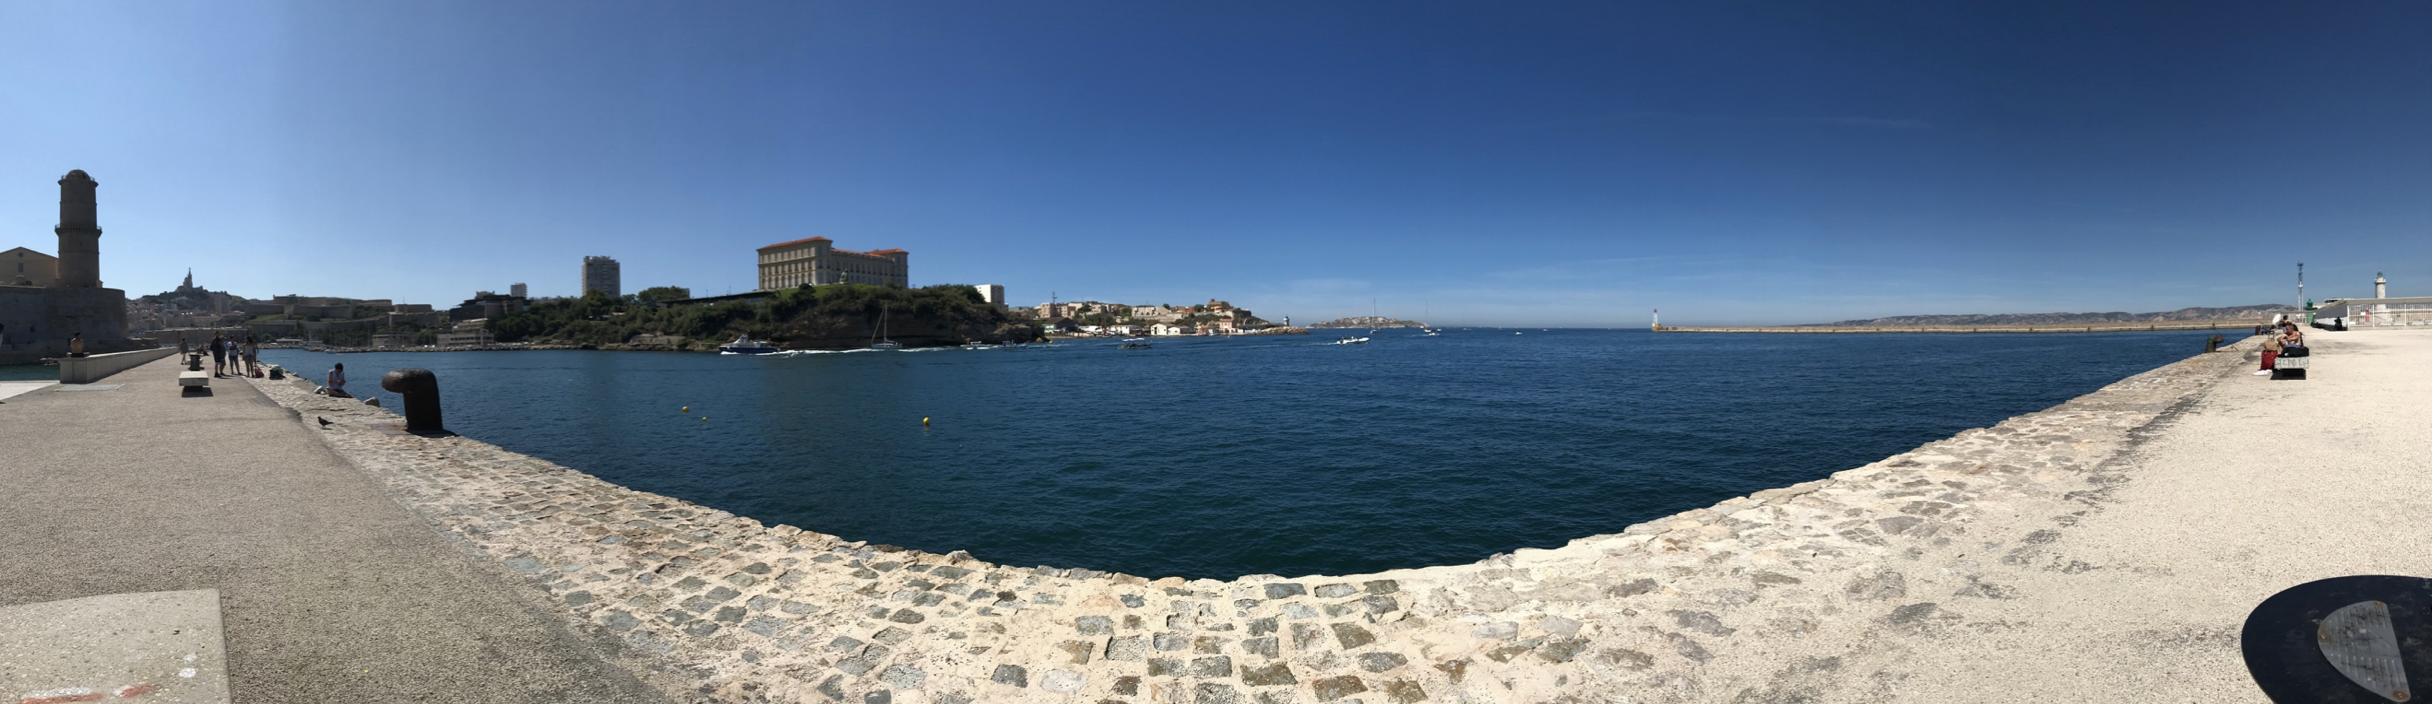 Vieux Port, Marseille, France